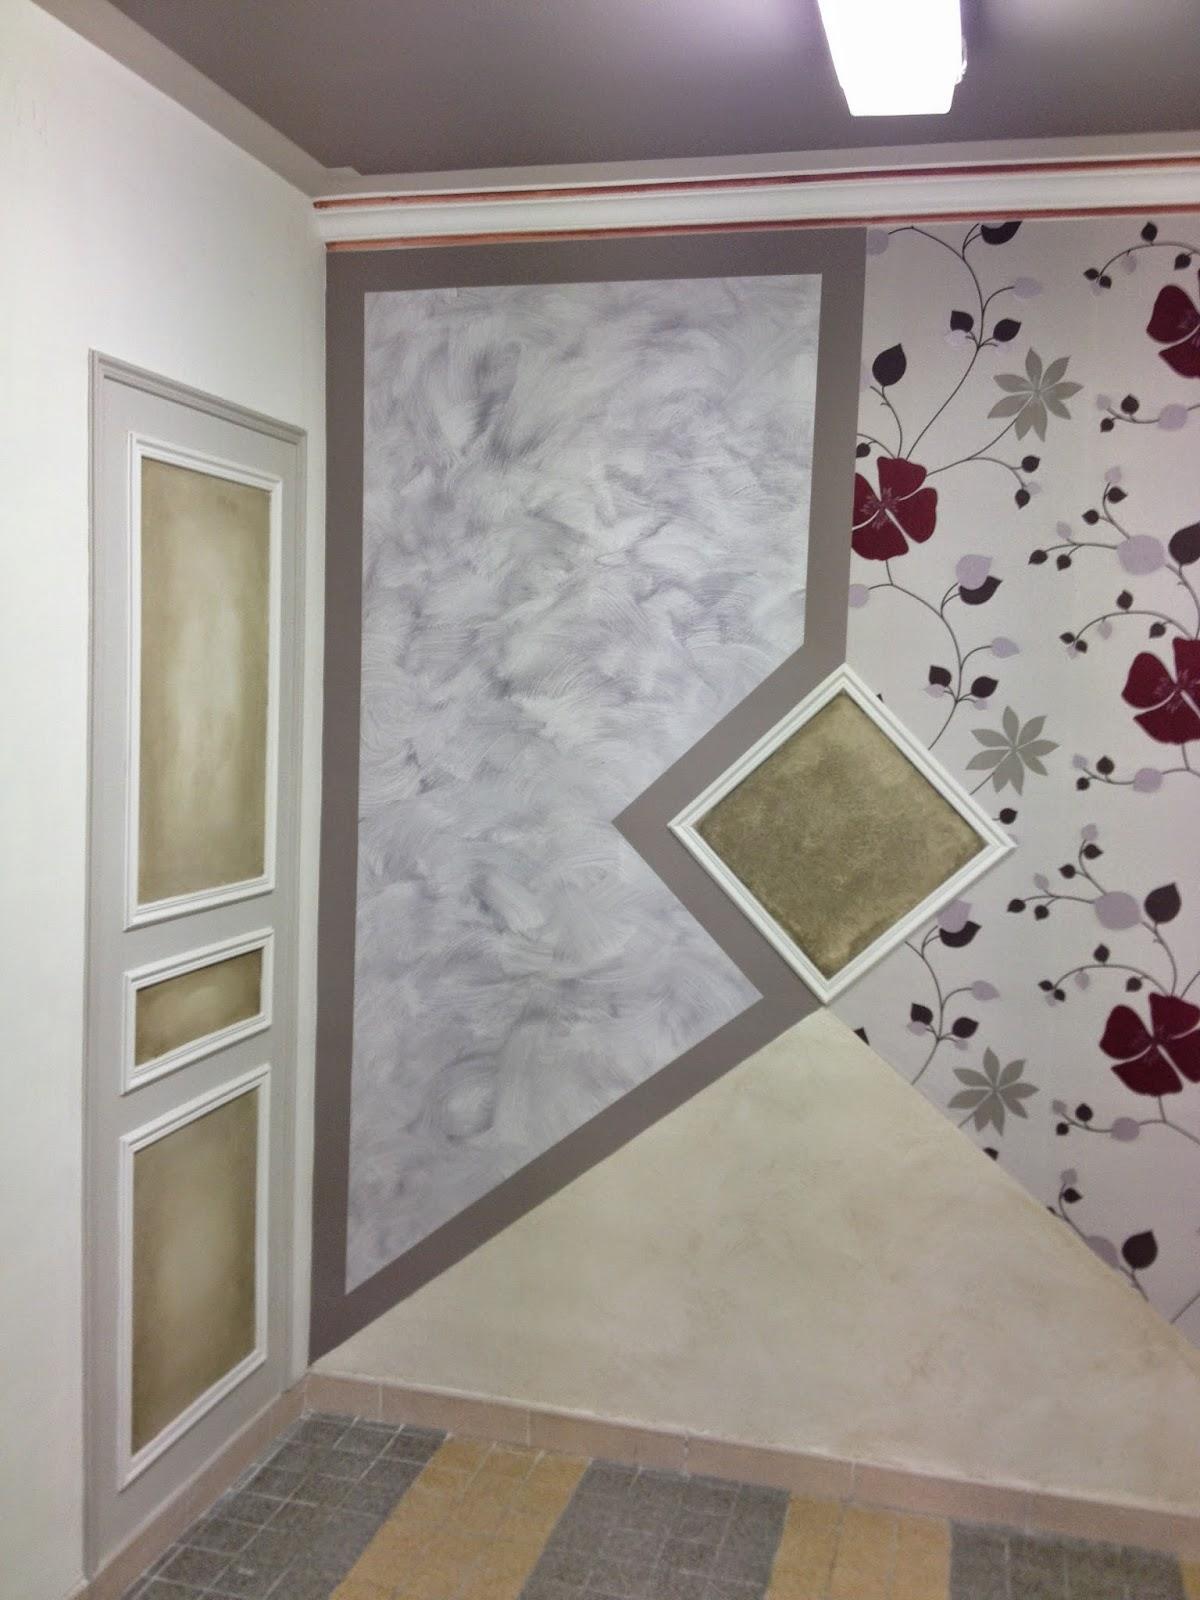 Calabro D Co Partie Decoration Peinture Revetement Muraux Enduit Decoratif